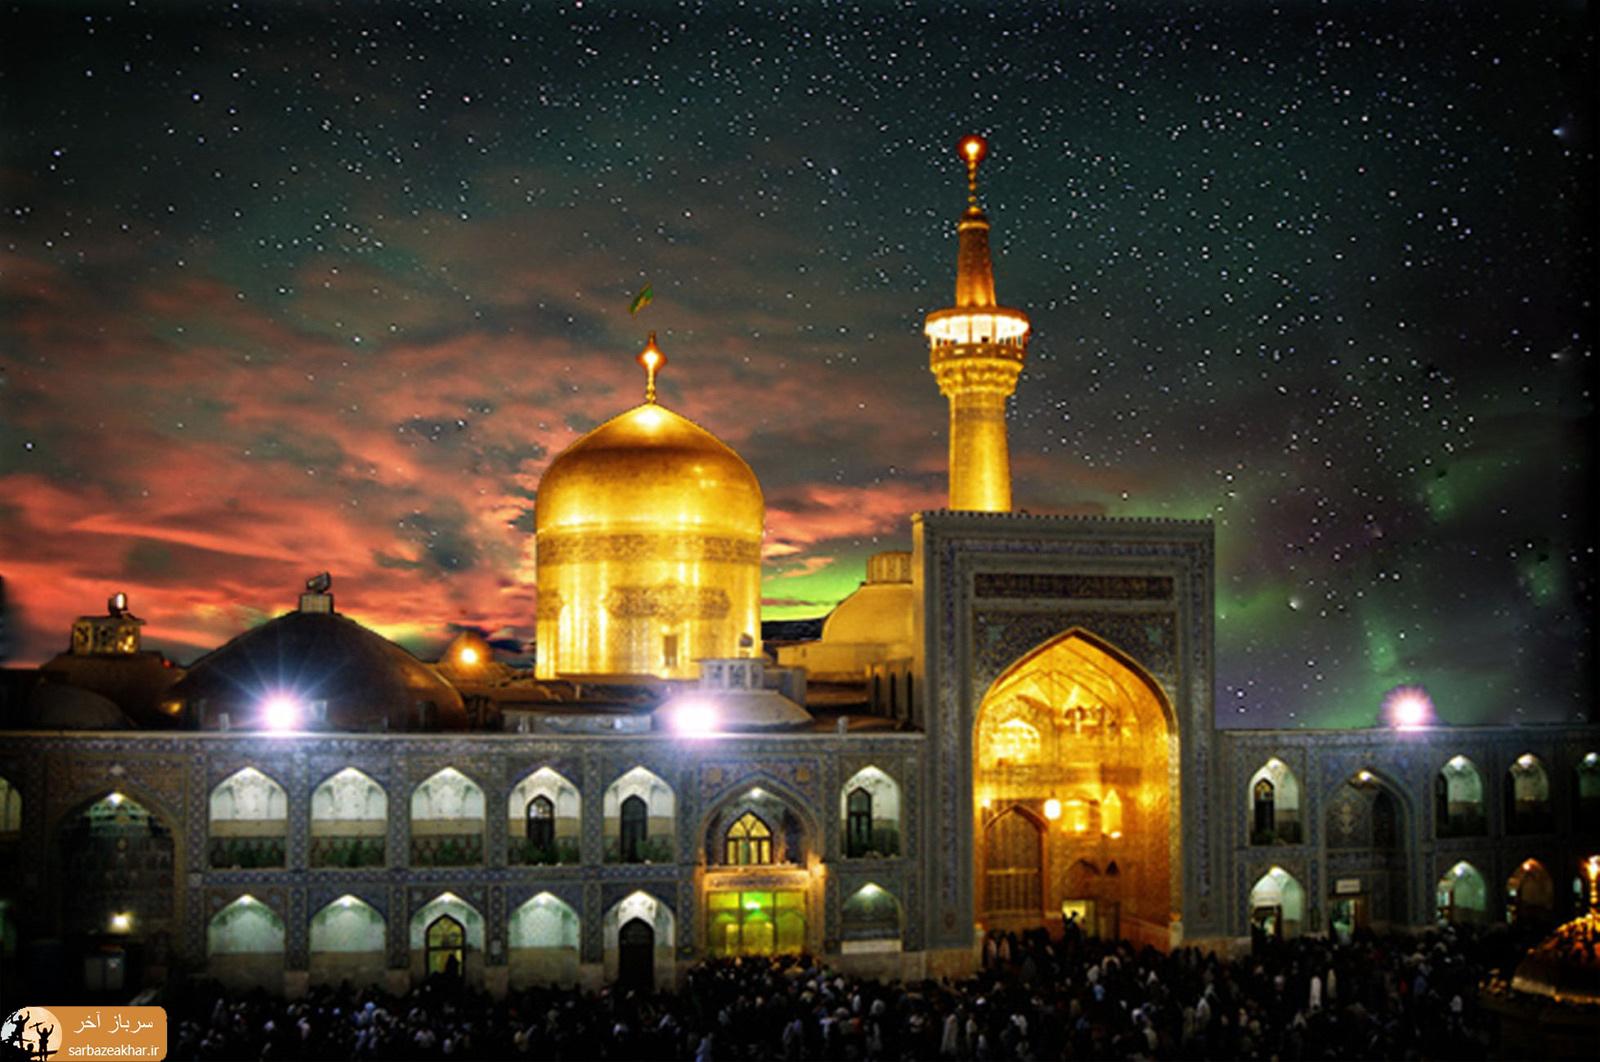 نماهنگ « آمدم ای شاه سلامت کنم » با صدای محمد اصفهانی